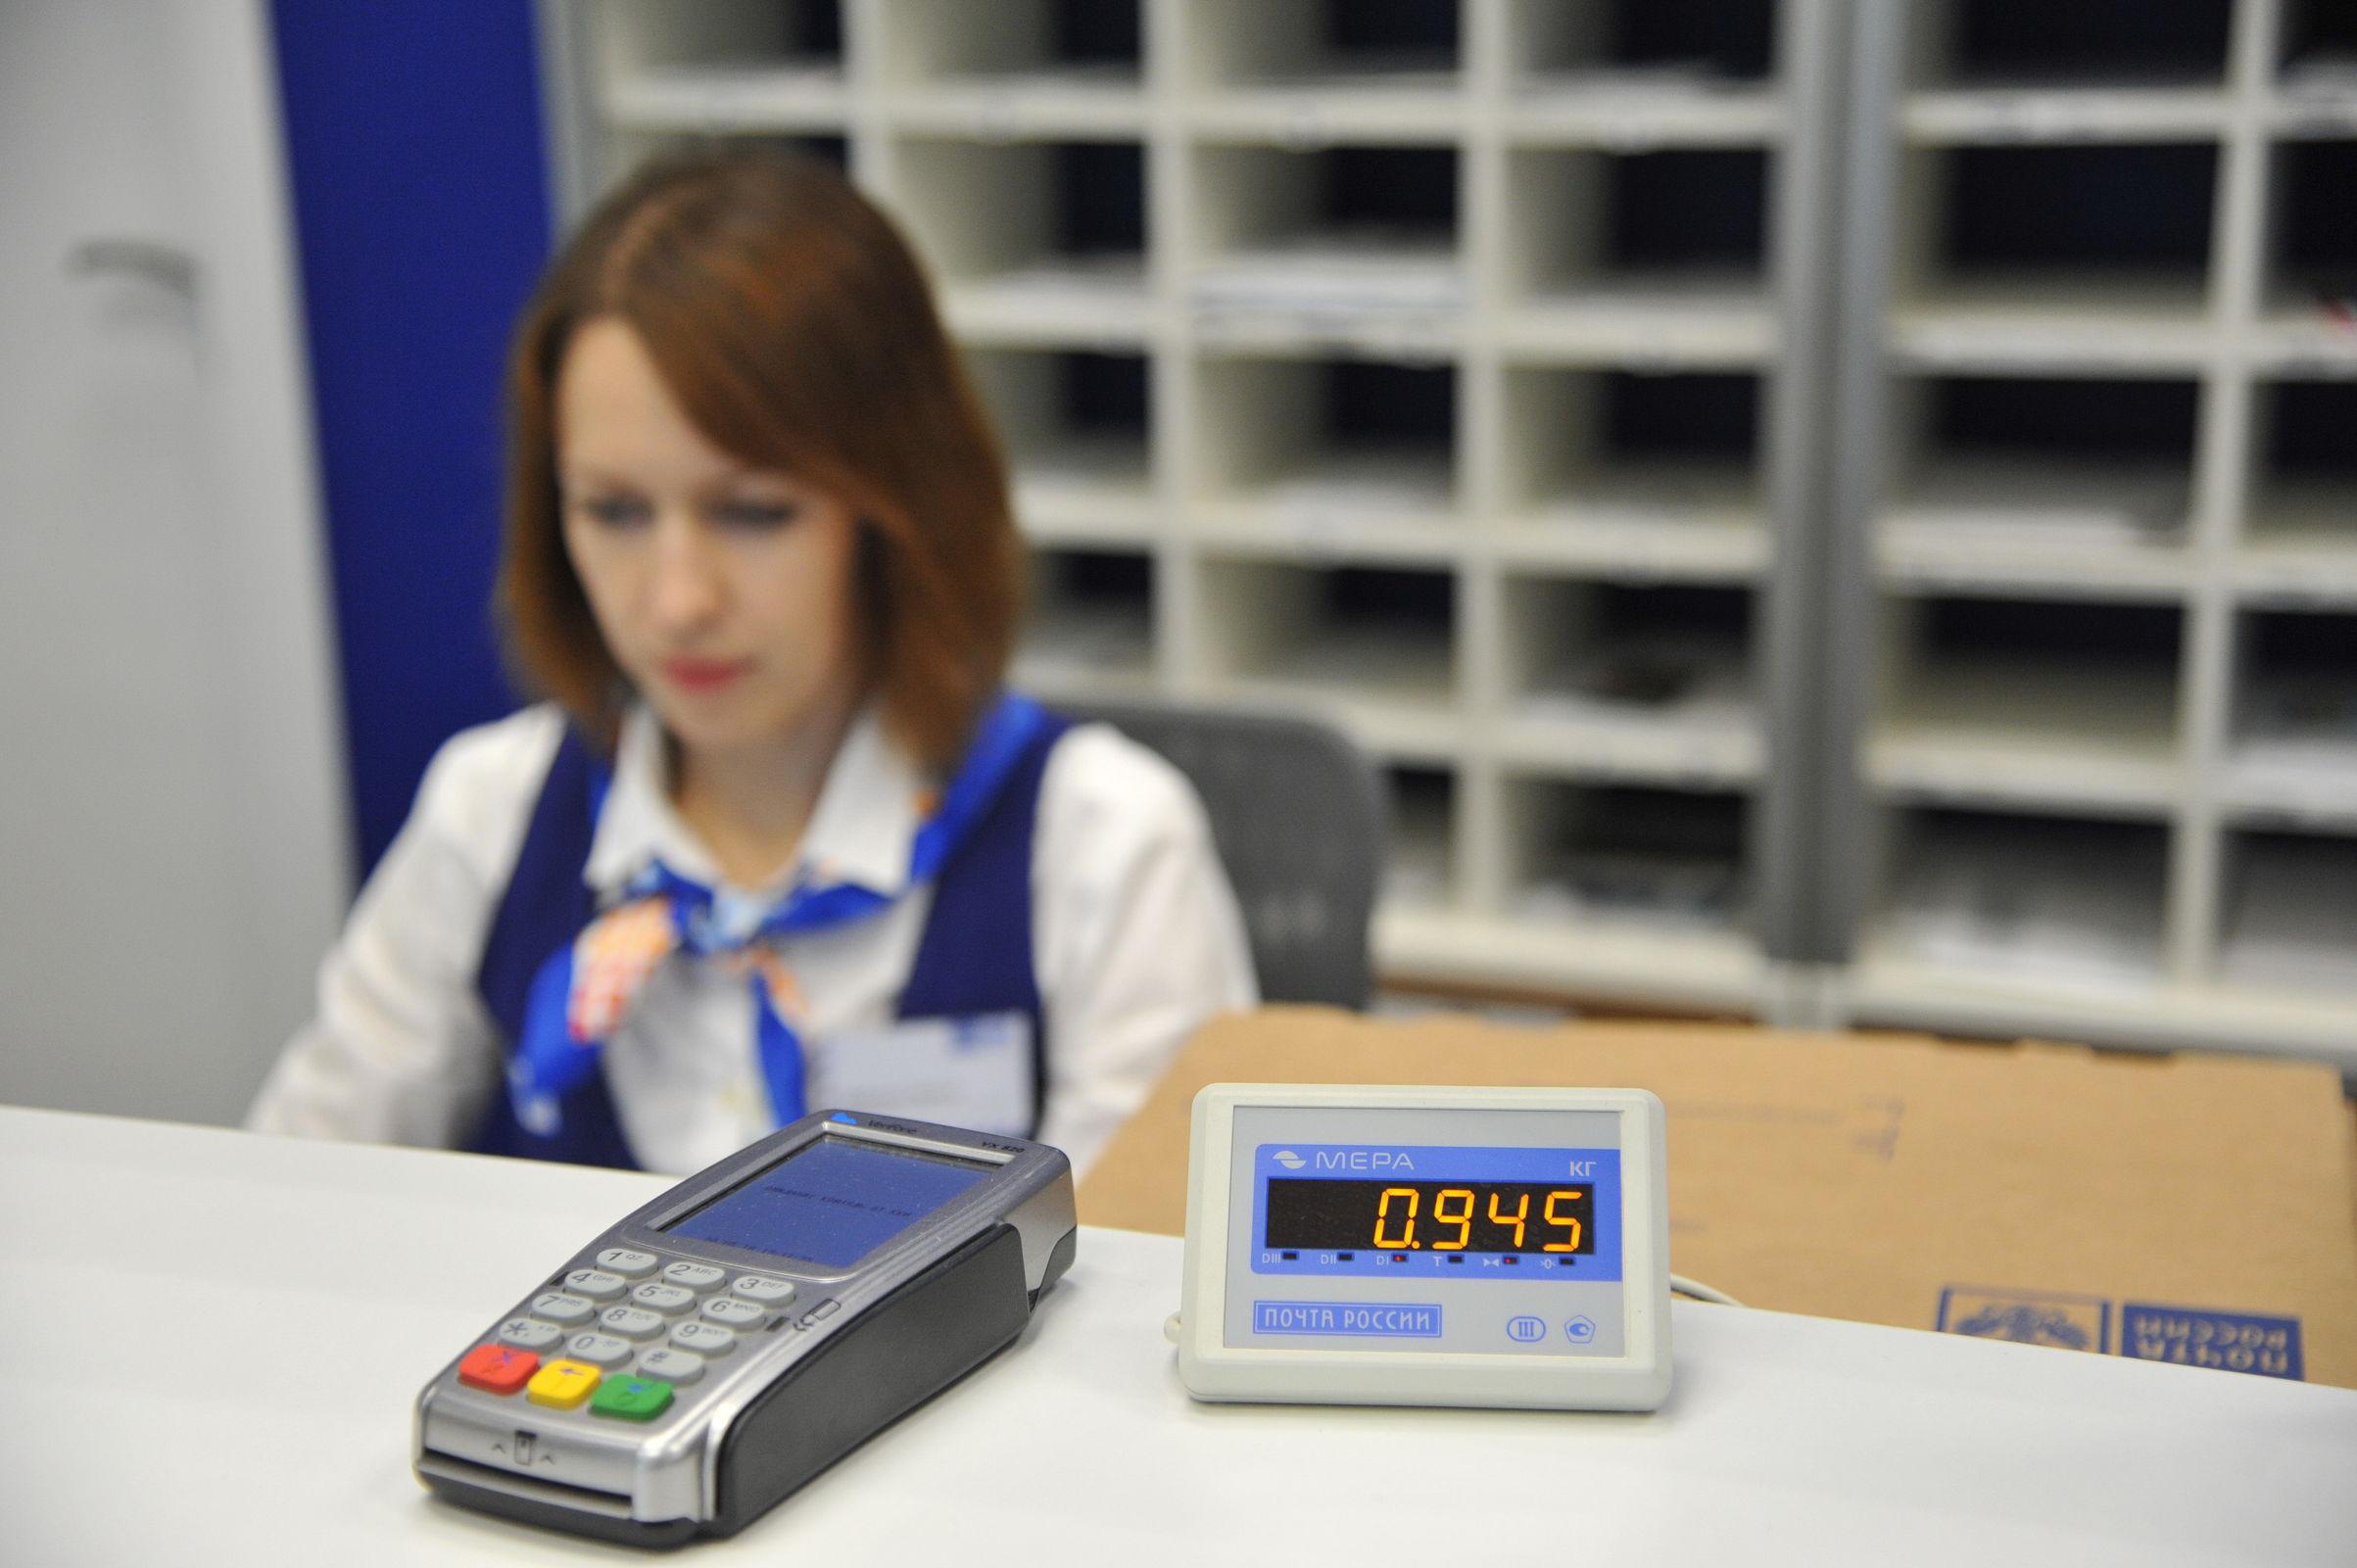 Ярославцы могут оплатить посещение детского сада на почте